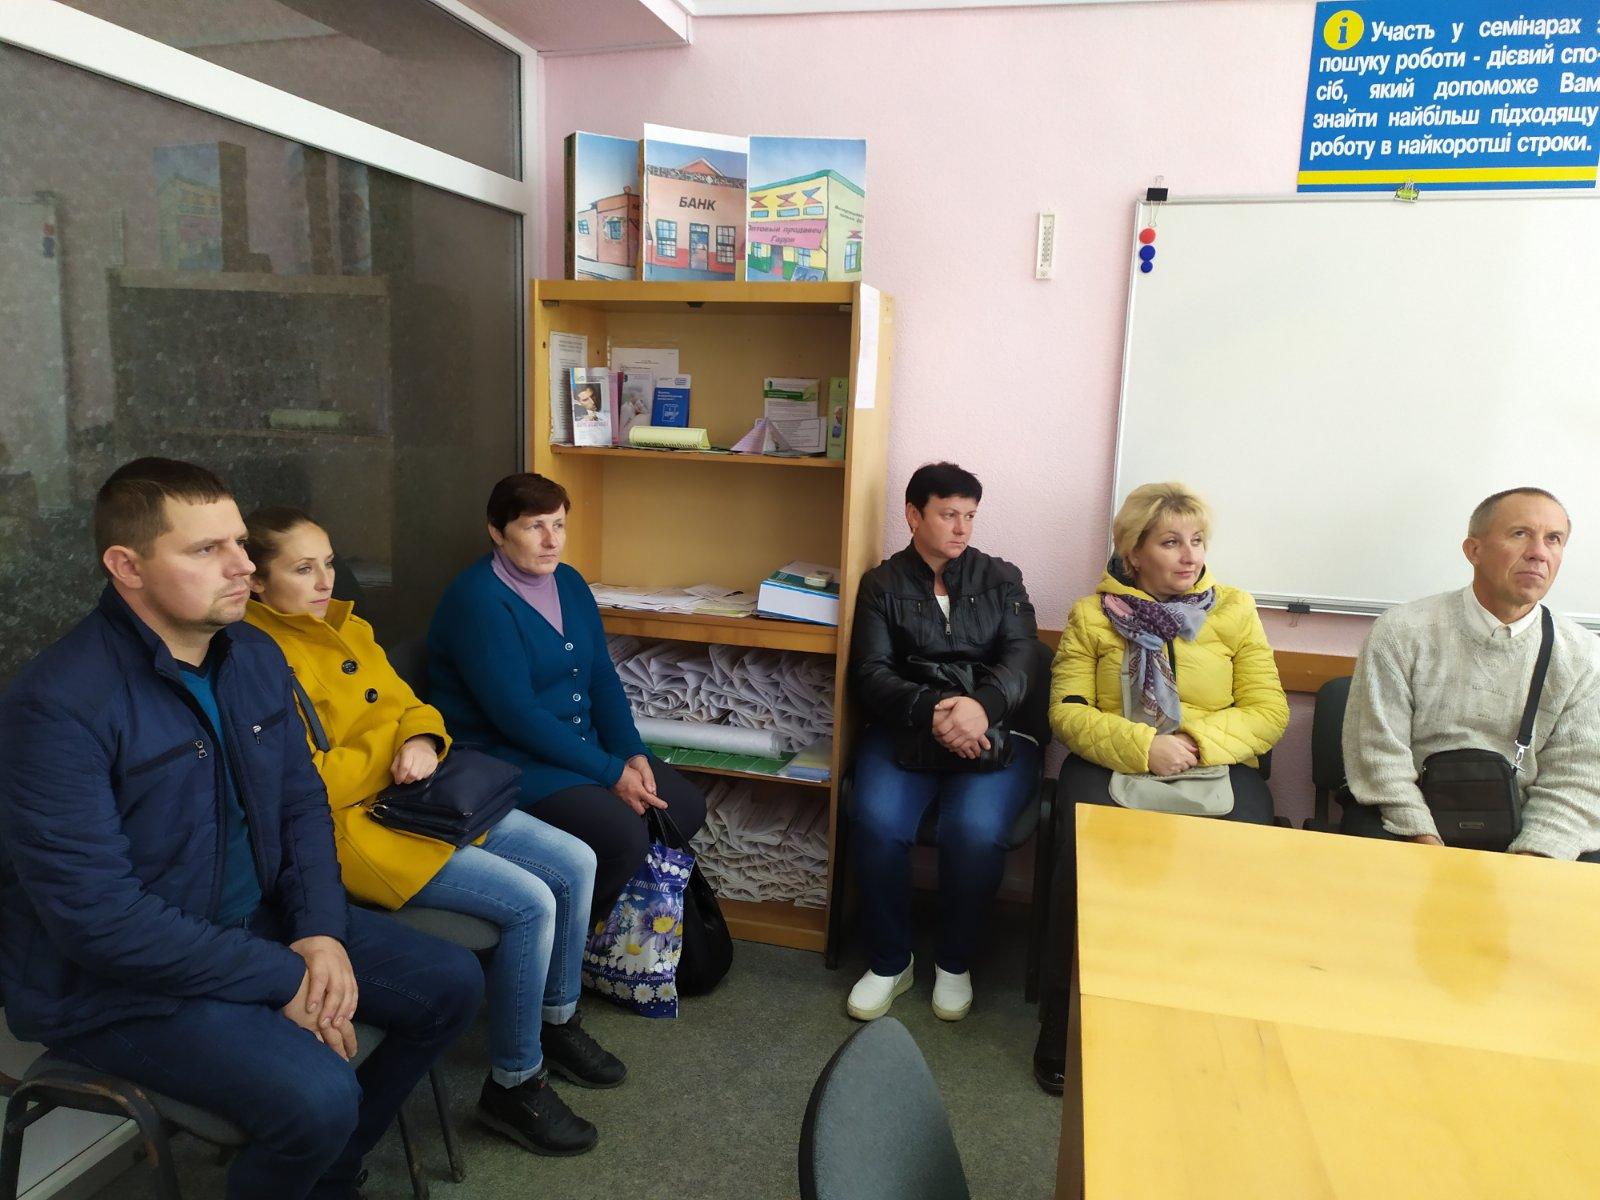 IMG c7ff55002848461c57a58e7ddd09c823 V - Відбулась зустріч з працівниками та профспілковими організаціями Городоцького району